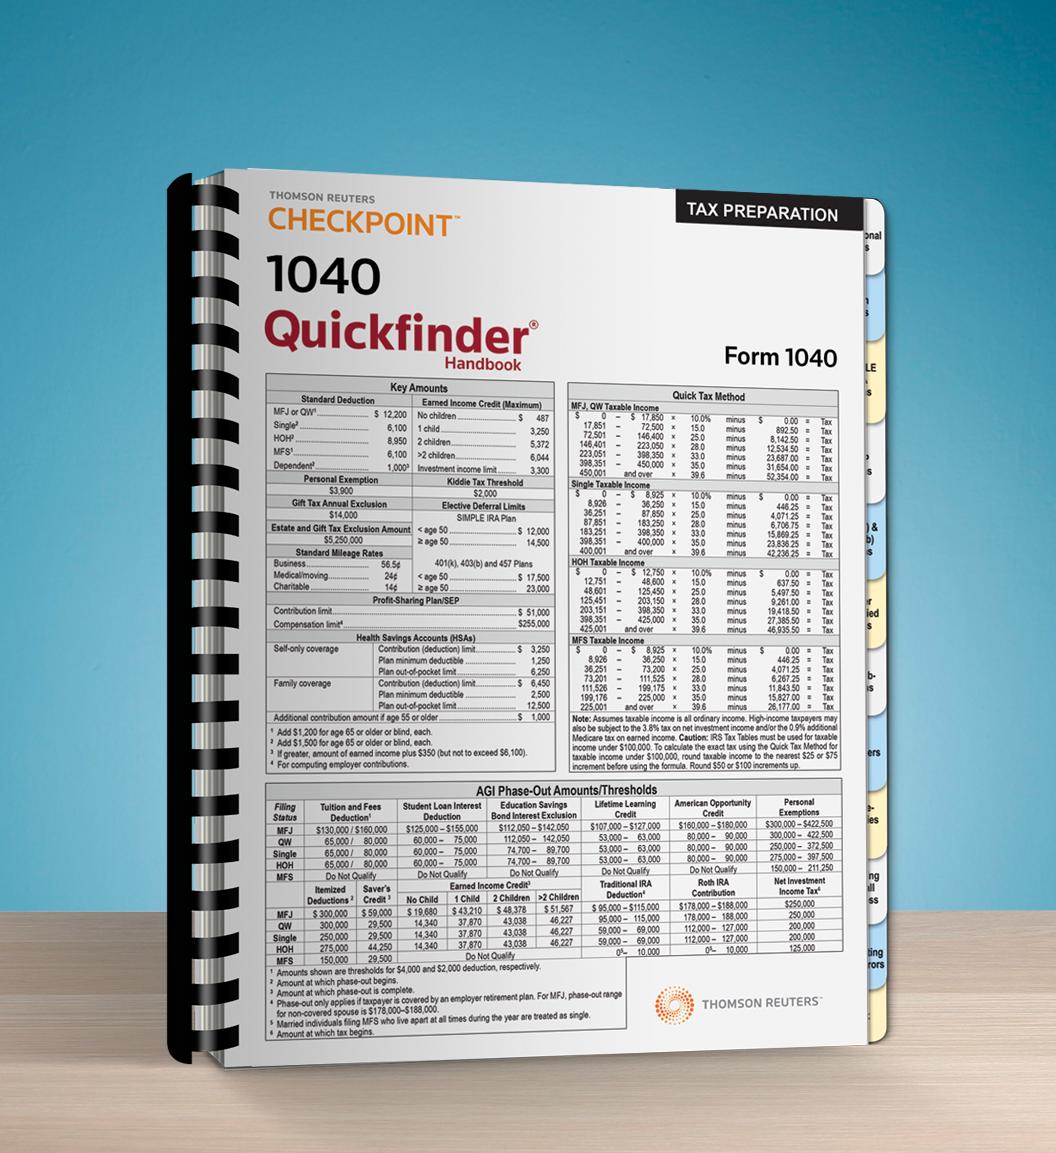 1040 Quickfinder Handbook (2016) - #3684